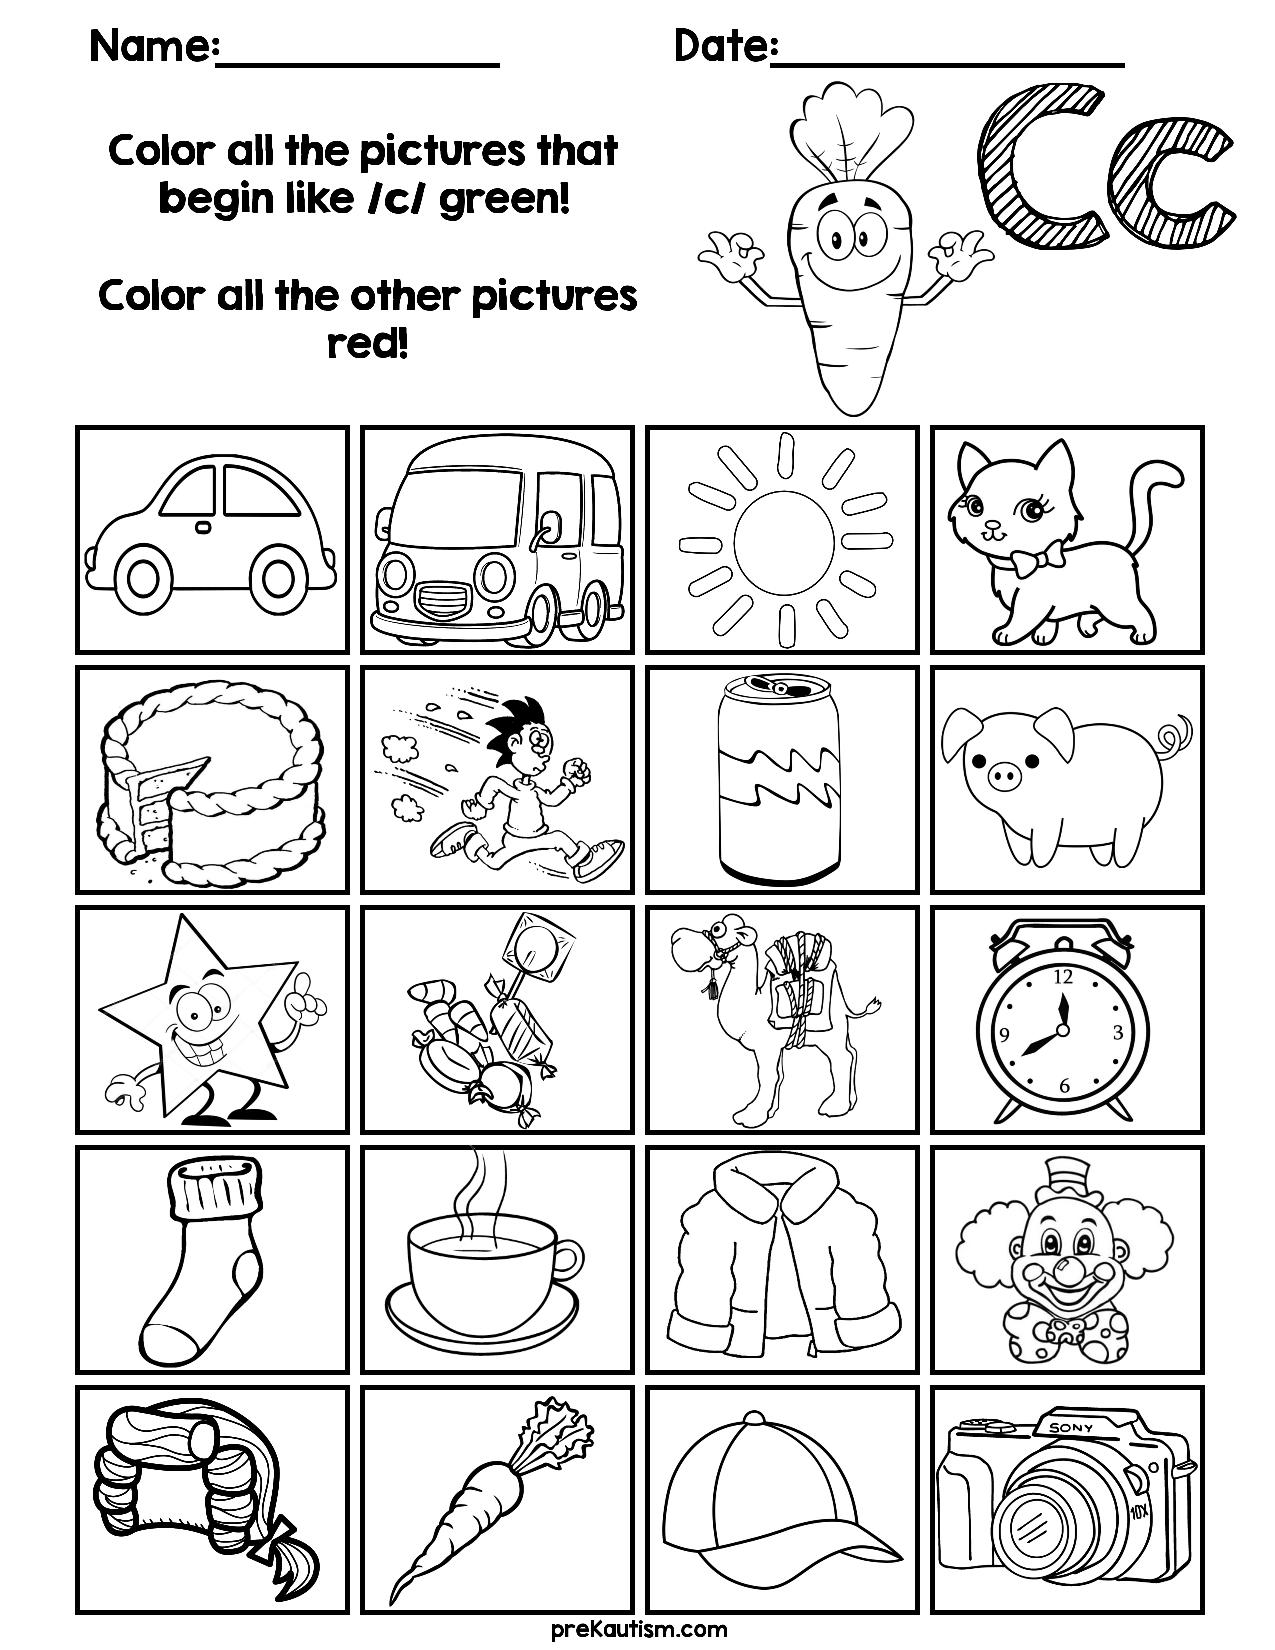 Find & Color Consonants Worksheets | Grade R Worksheets  Colour Filling Page For Grade R